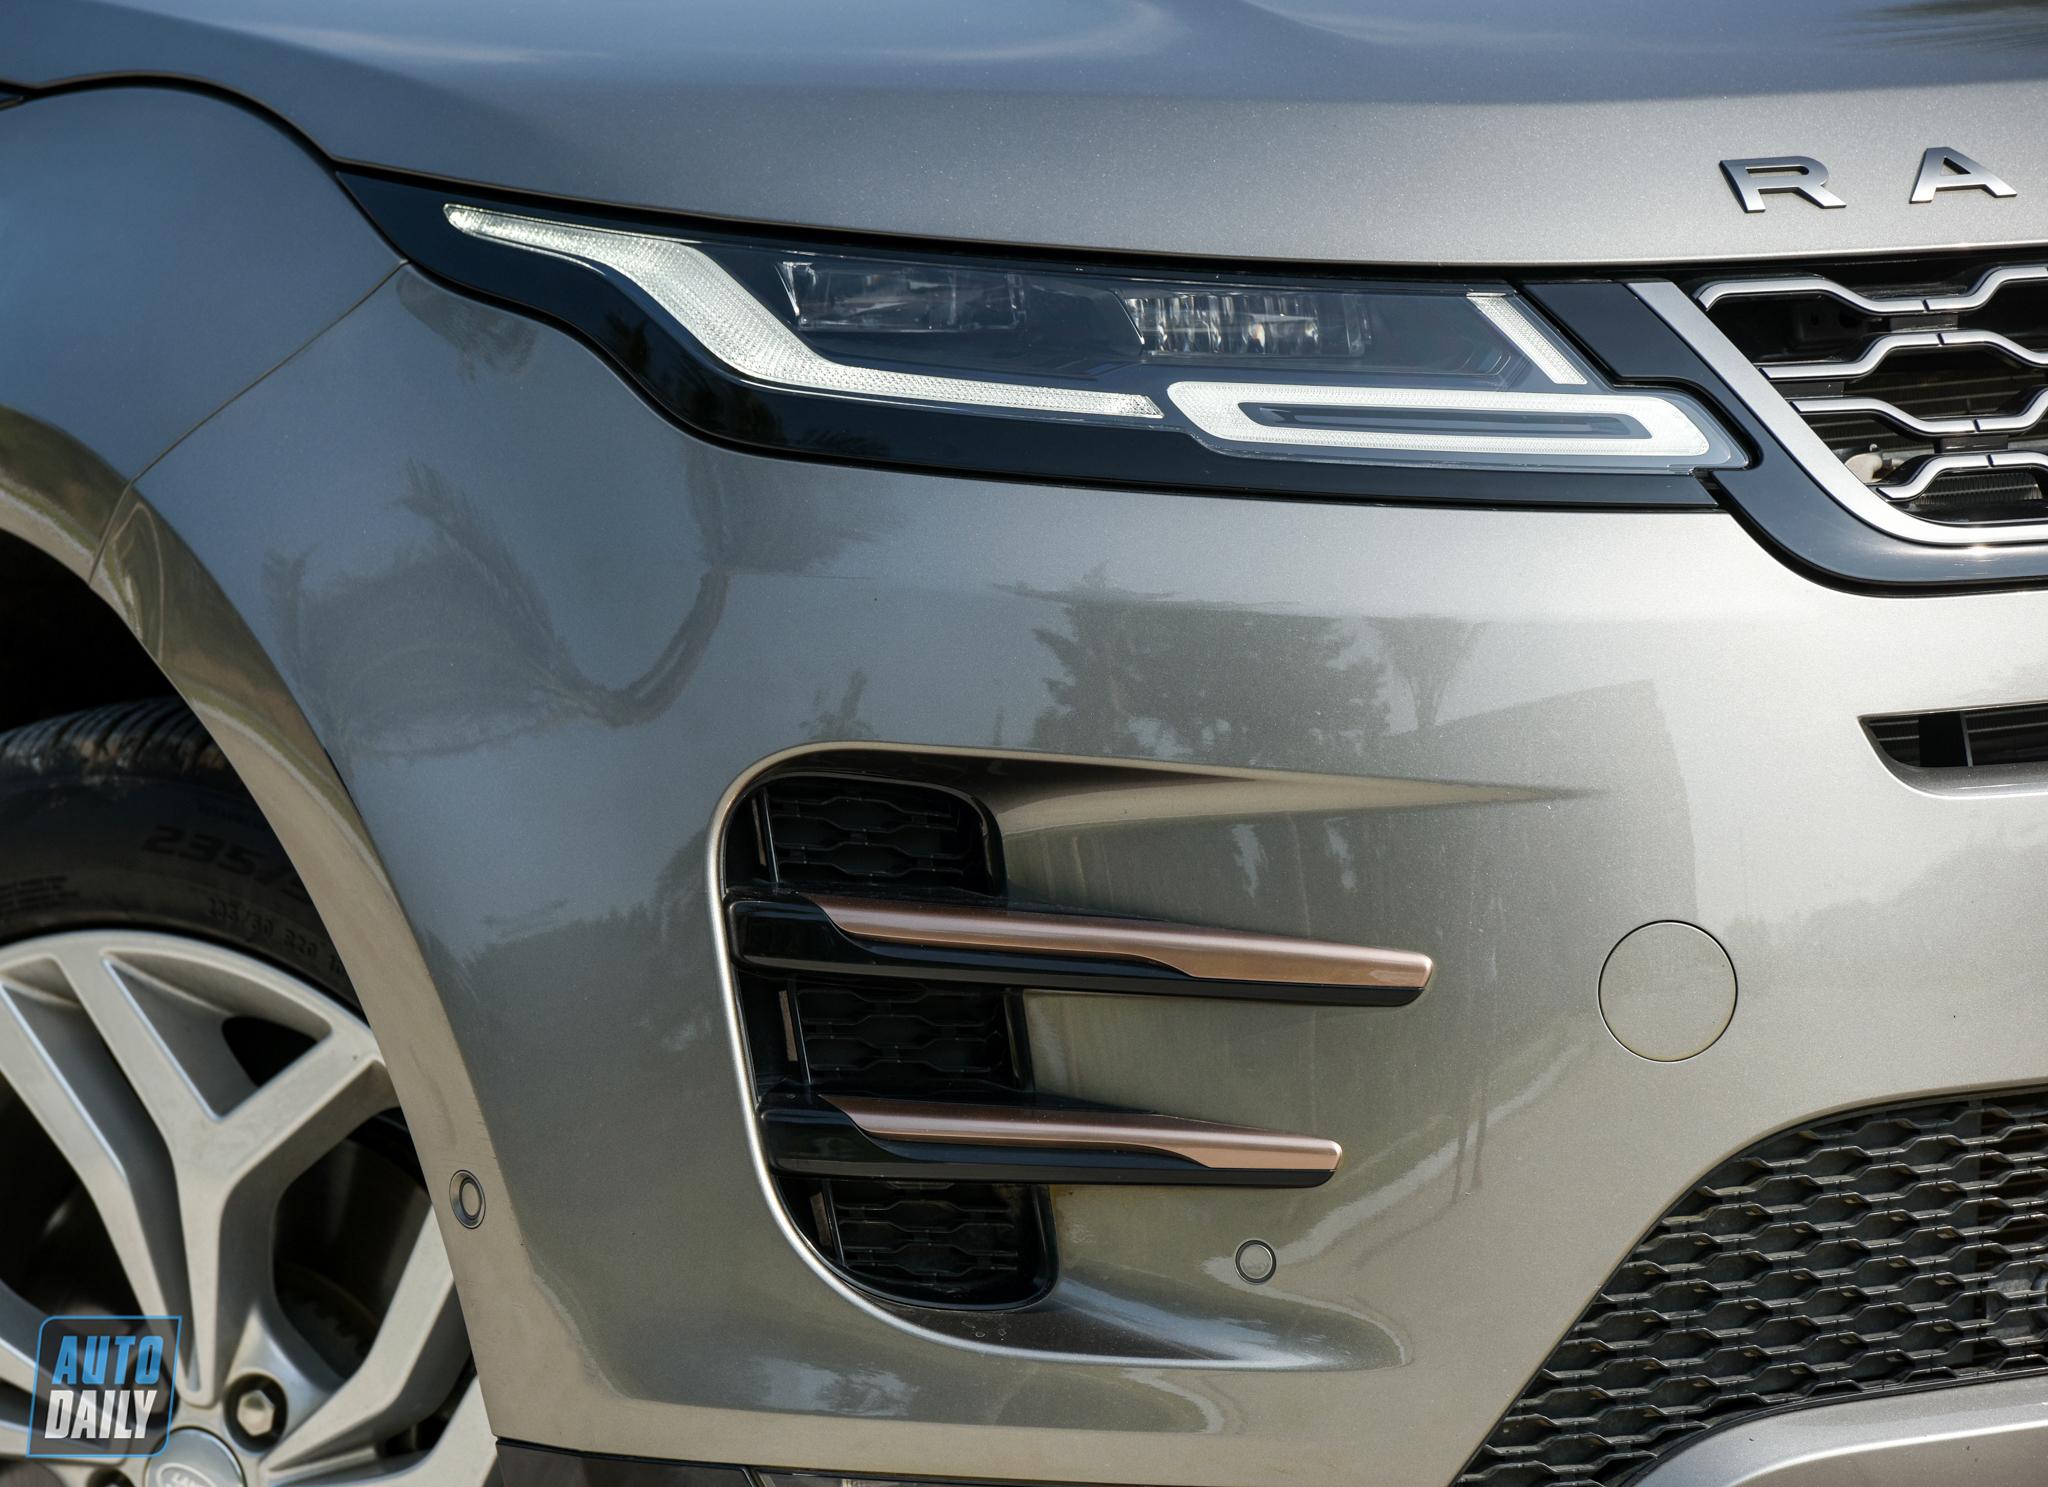 range-rover-evoque-2020-autodaily-8.jpg